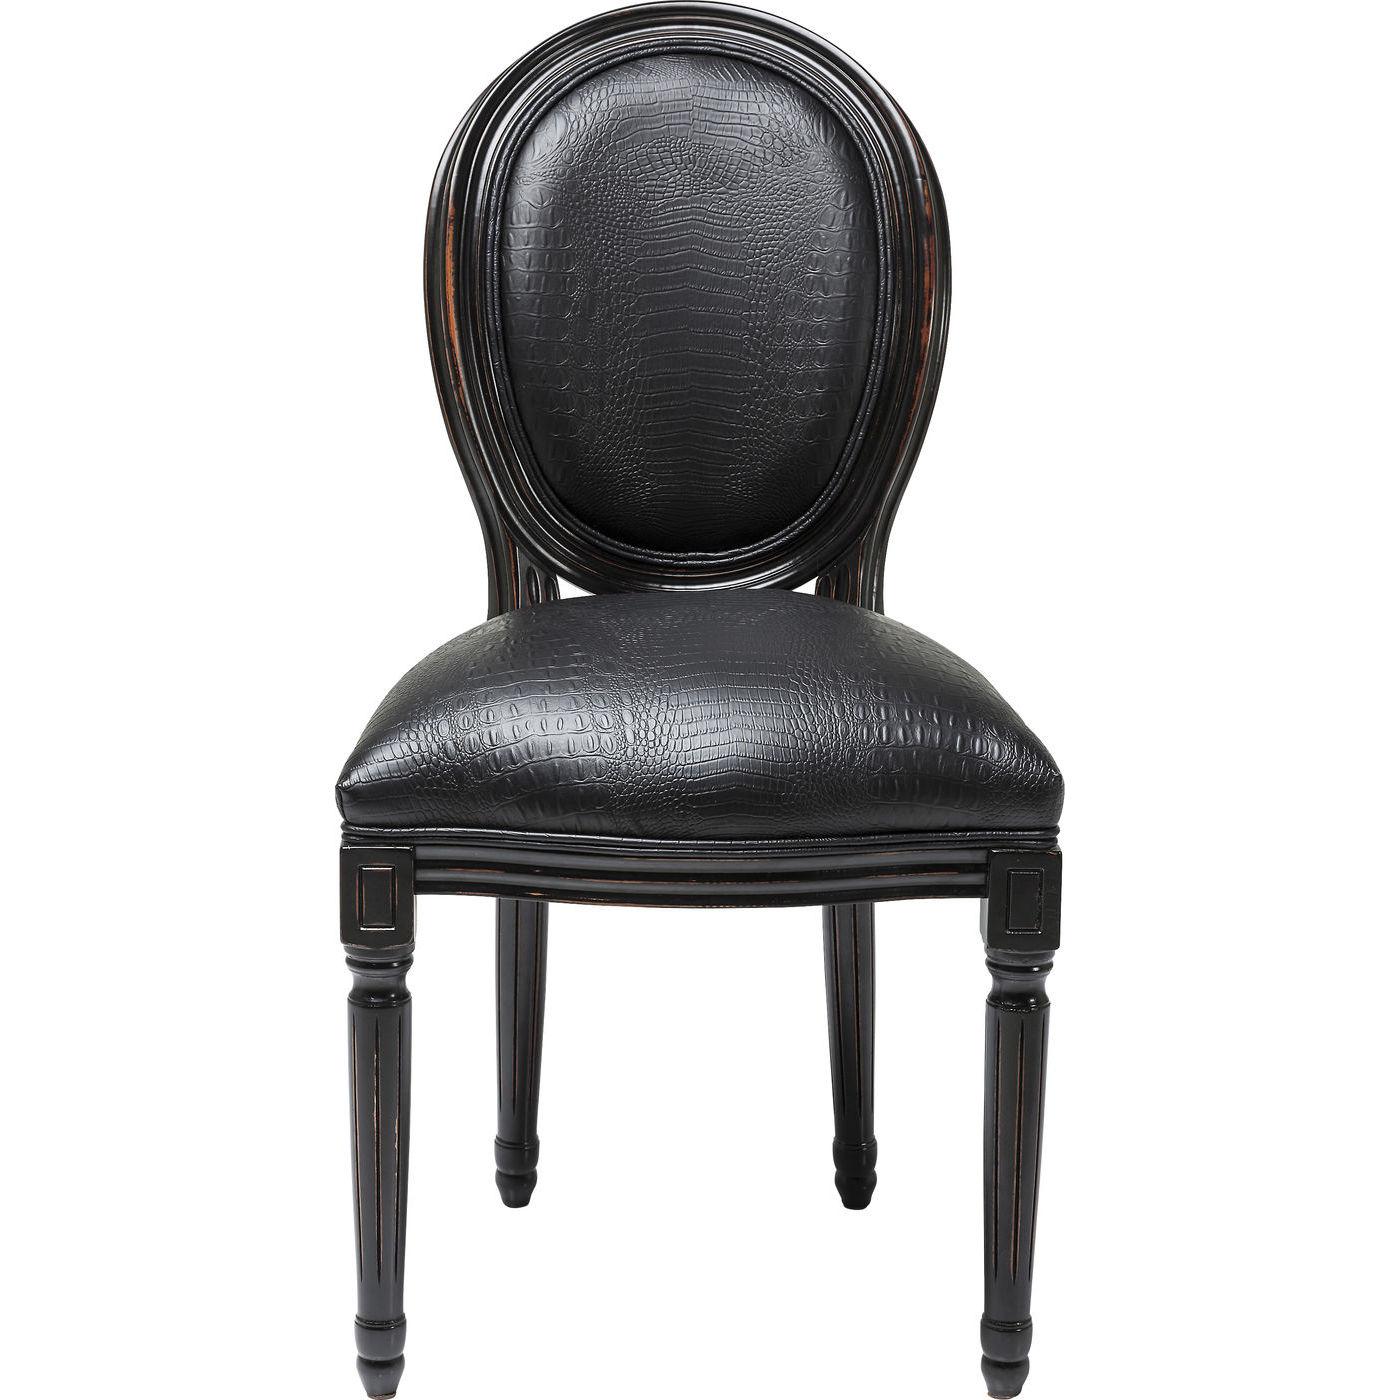 Kare design padded gastro louis black spisebordsstol - sort bøffellæder og træ fra kare design fra boboonline.dk